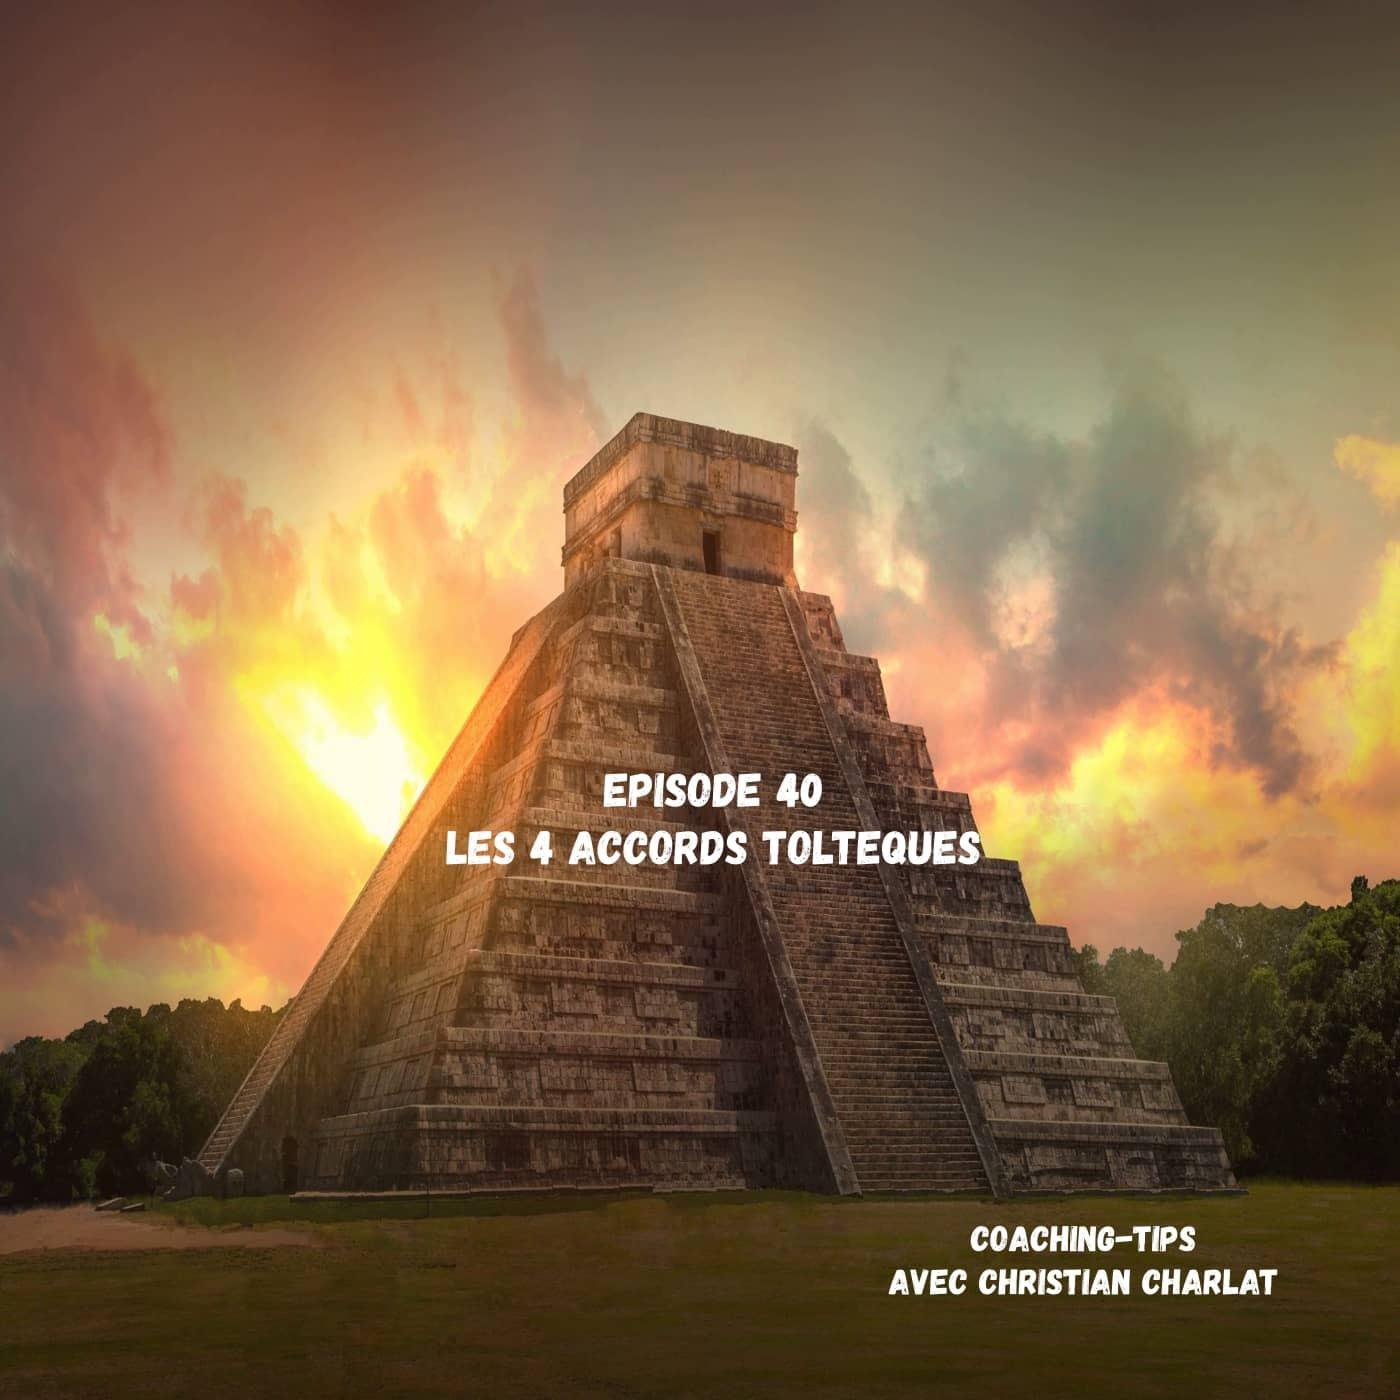 Episode 40 Les 4 accords Toltèques